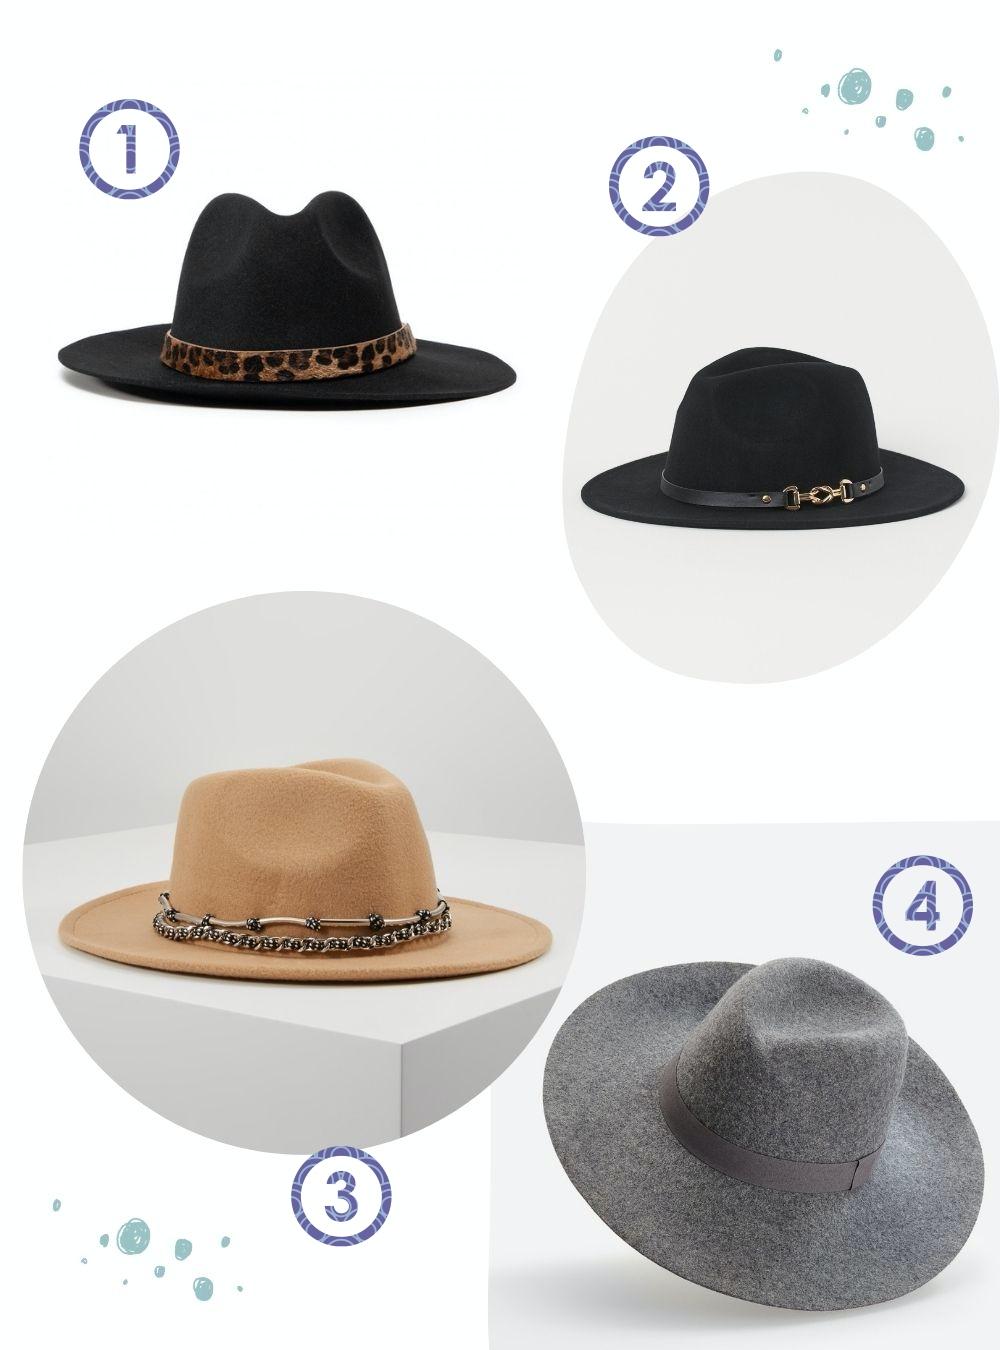 Modne akcesoria dowłosów jesień zima 2020 2021 kapelusze